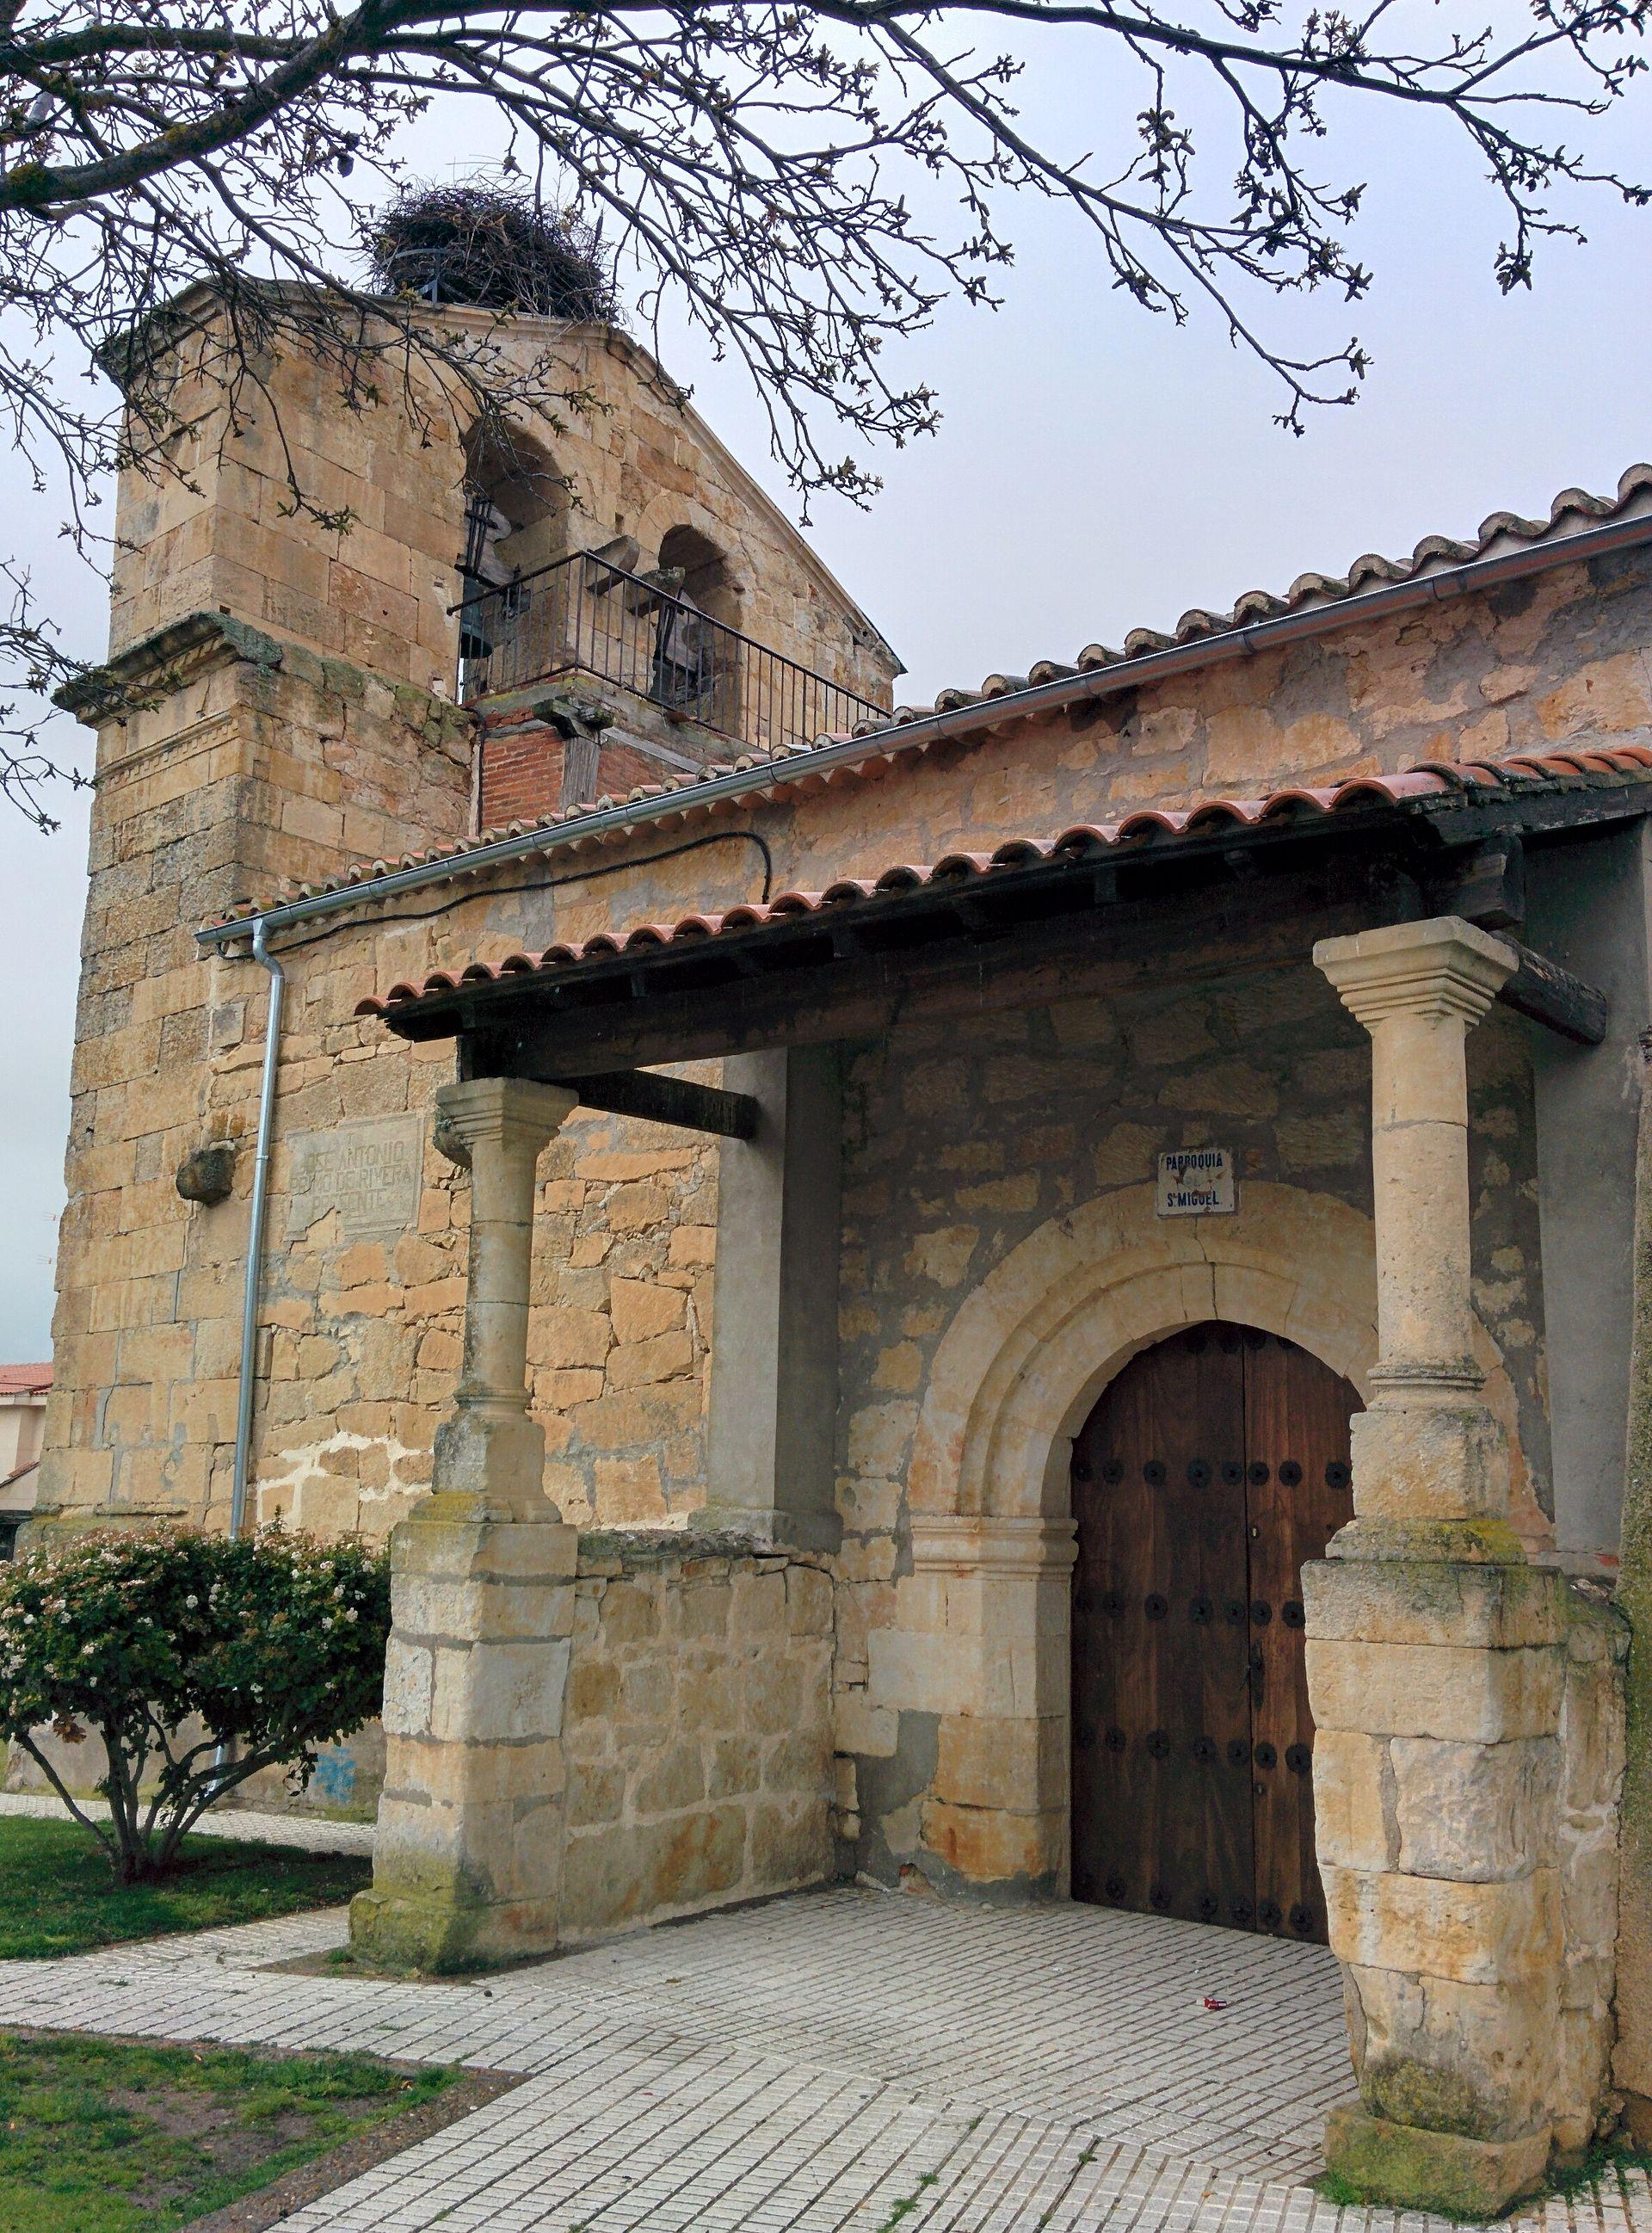 Monterrubio de armu a wikipedia la enciclopedia libre for Codigo postal del barrio de salamanca en madrid